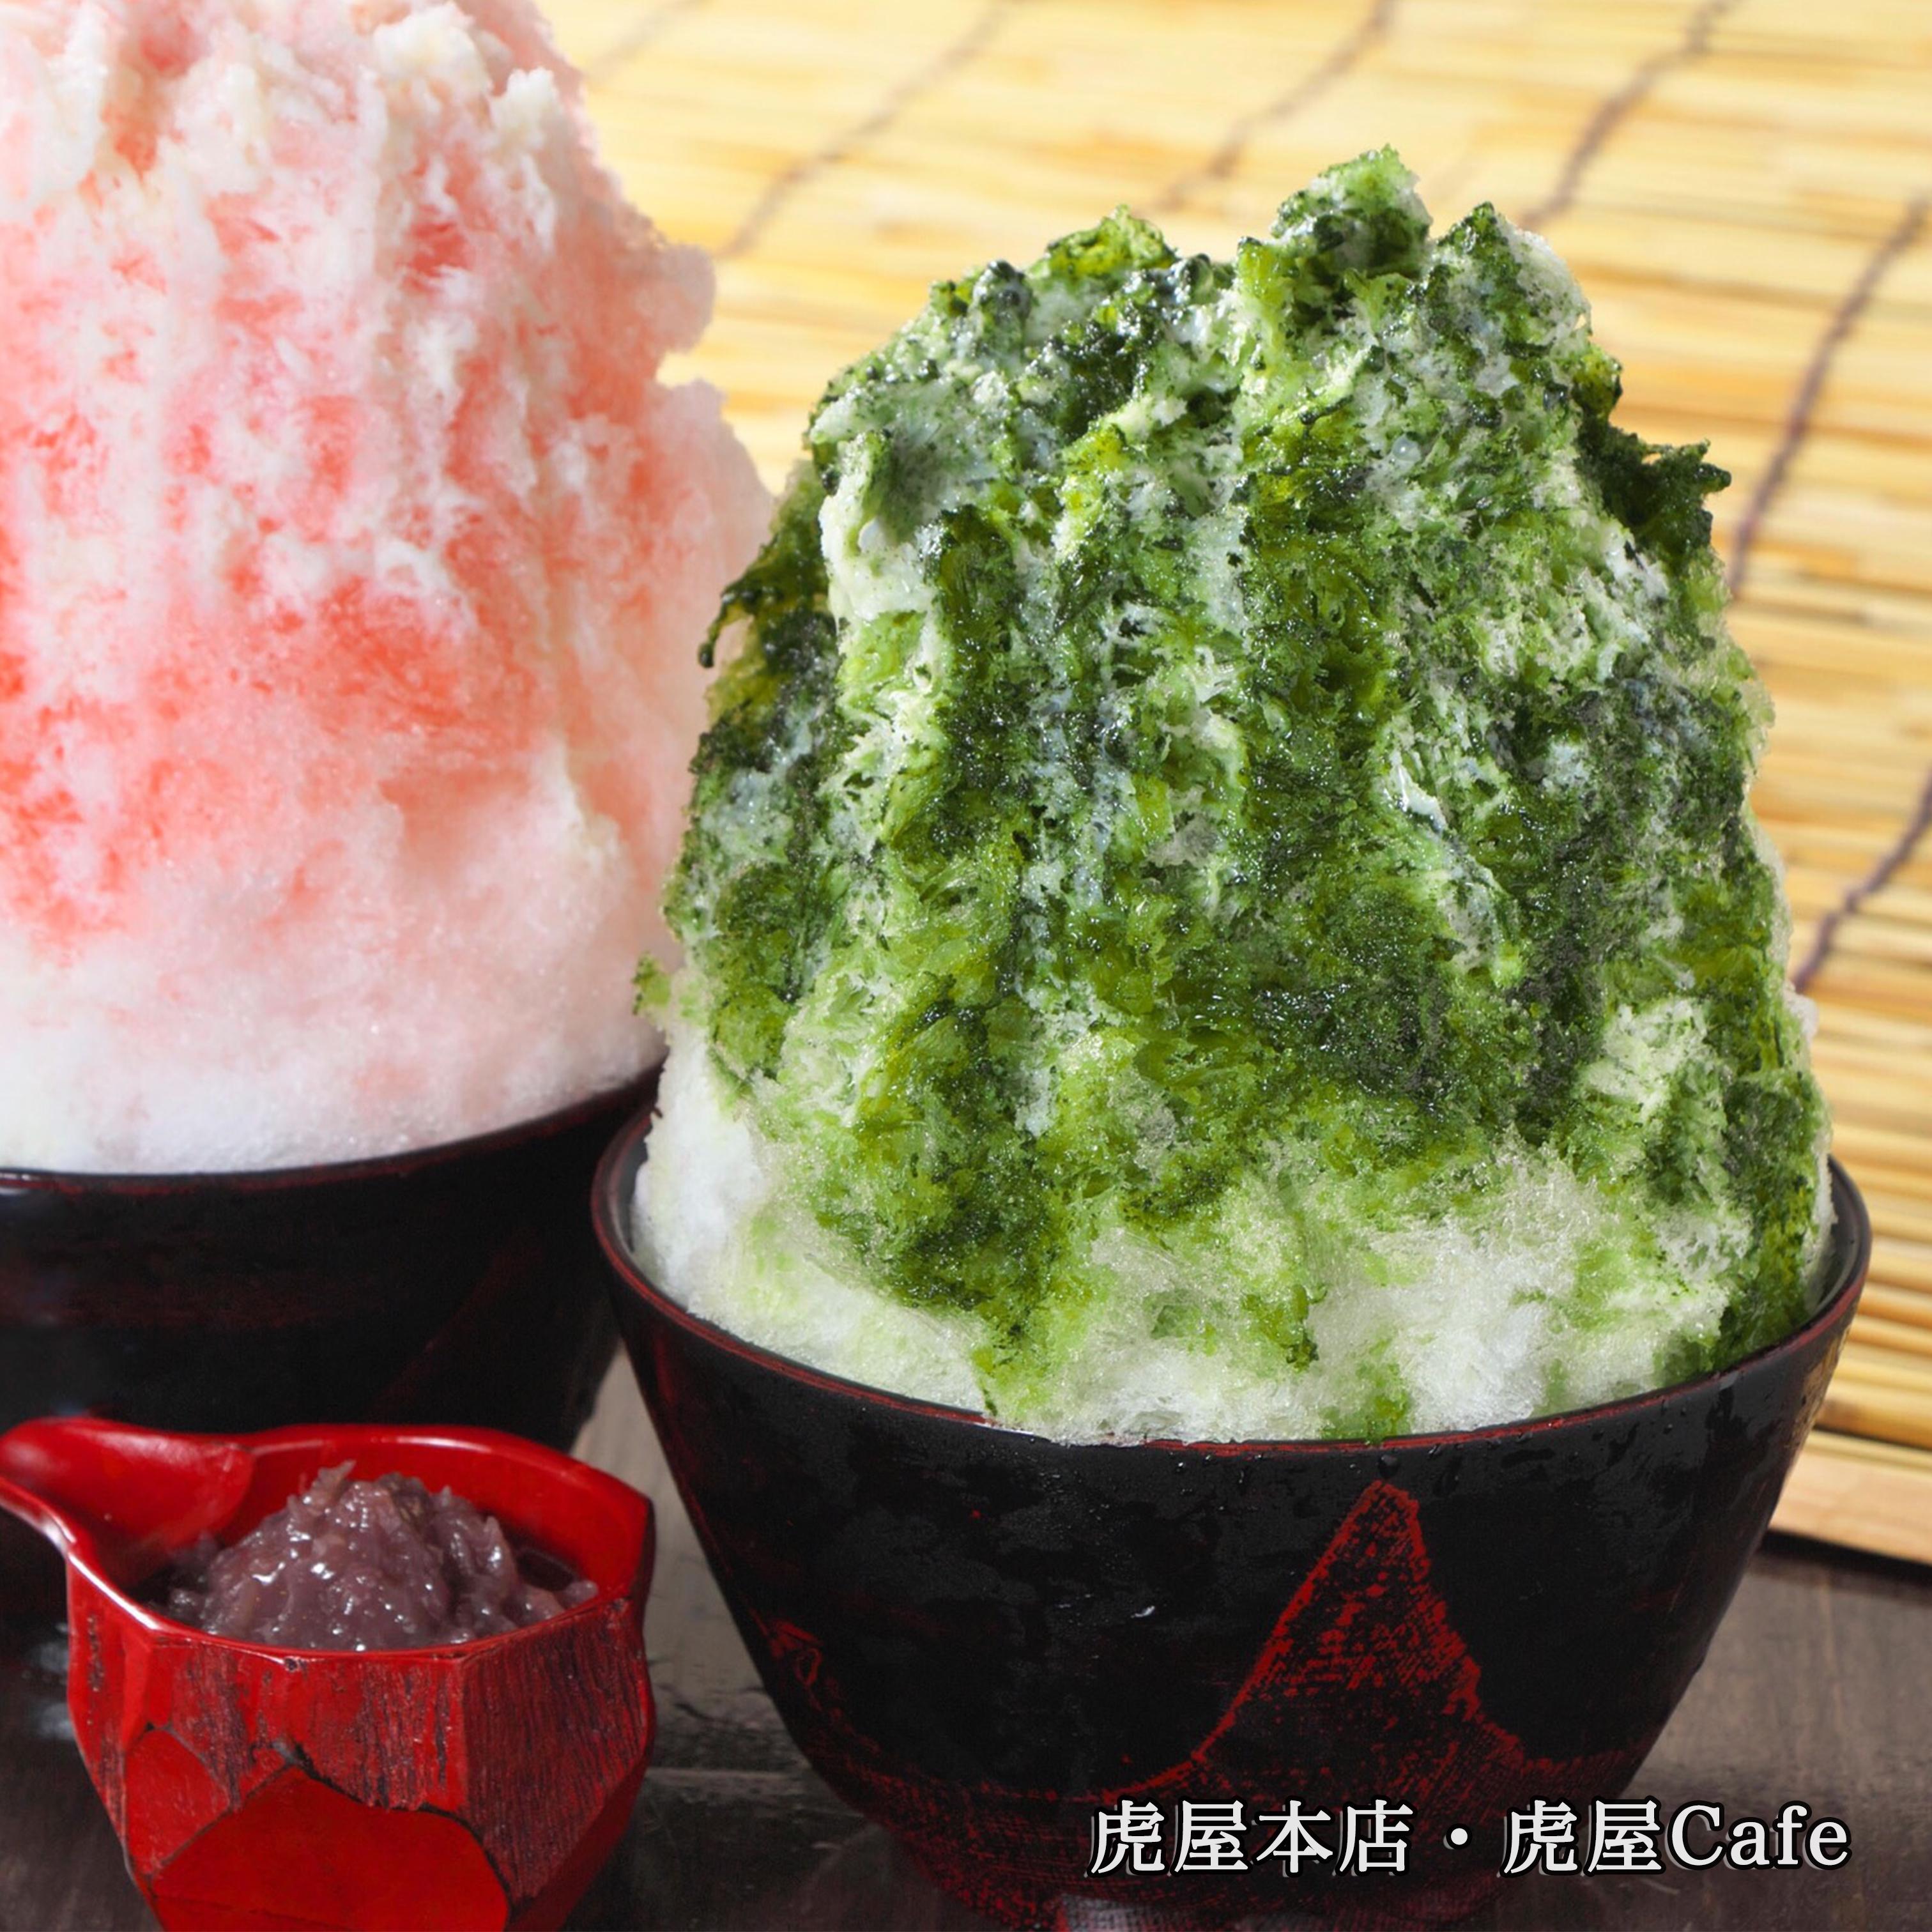 虎屋本店・虎屋Cafe